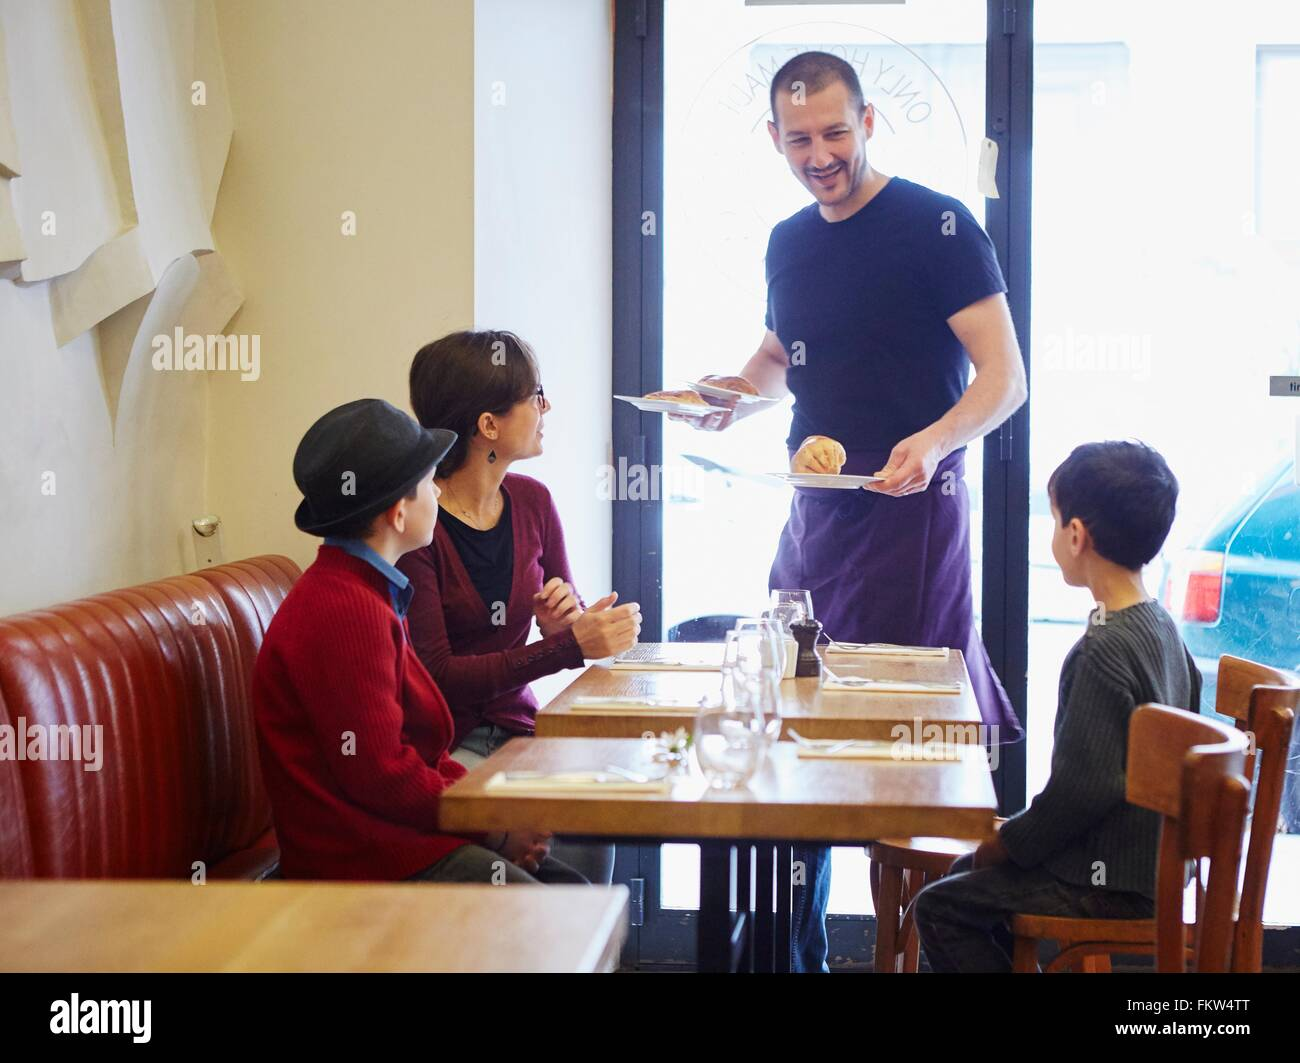 Serveur qui sert le déjeuner dans le restaurant à la femme et fils Photo Stock